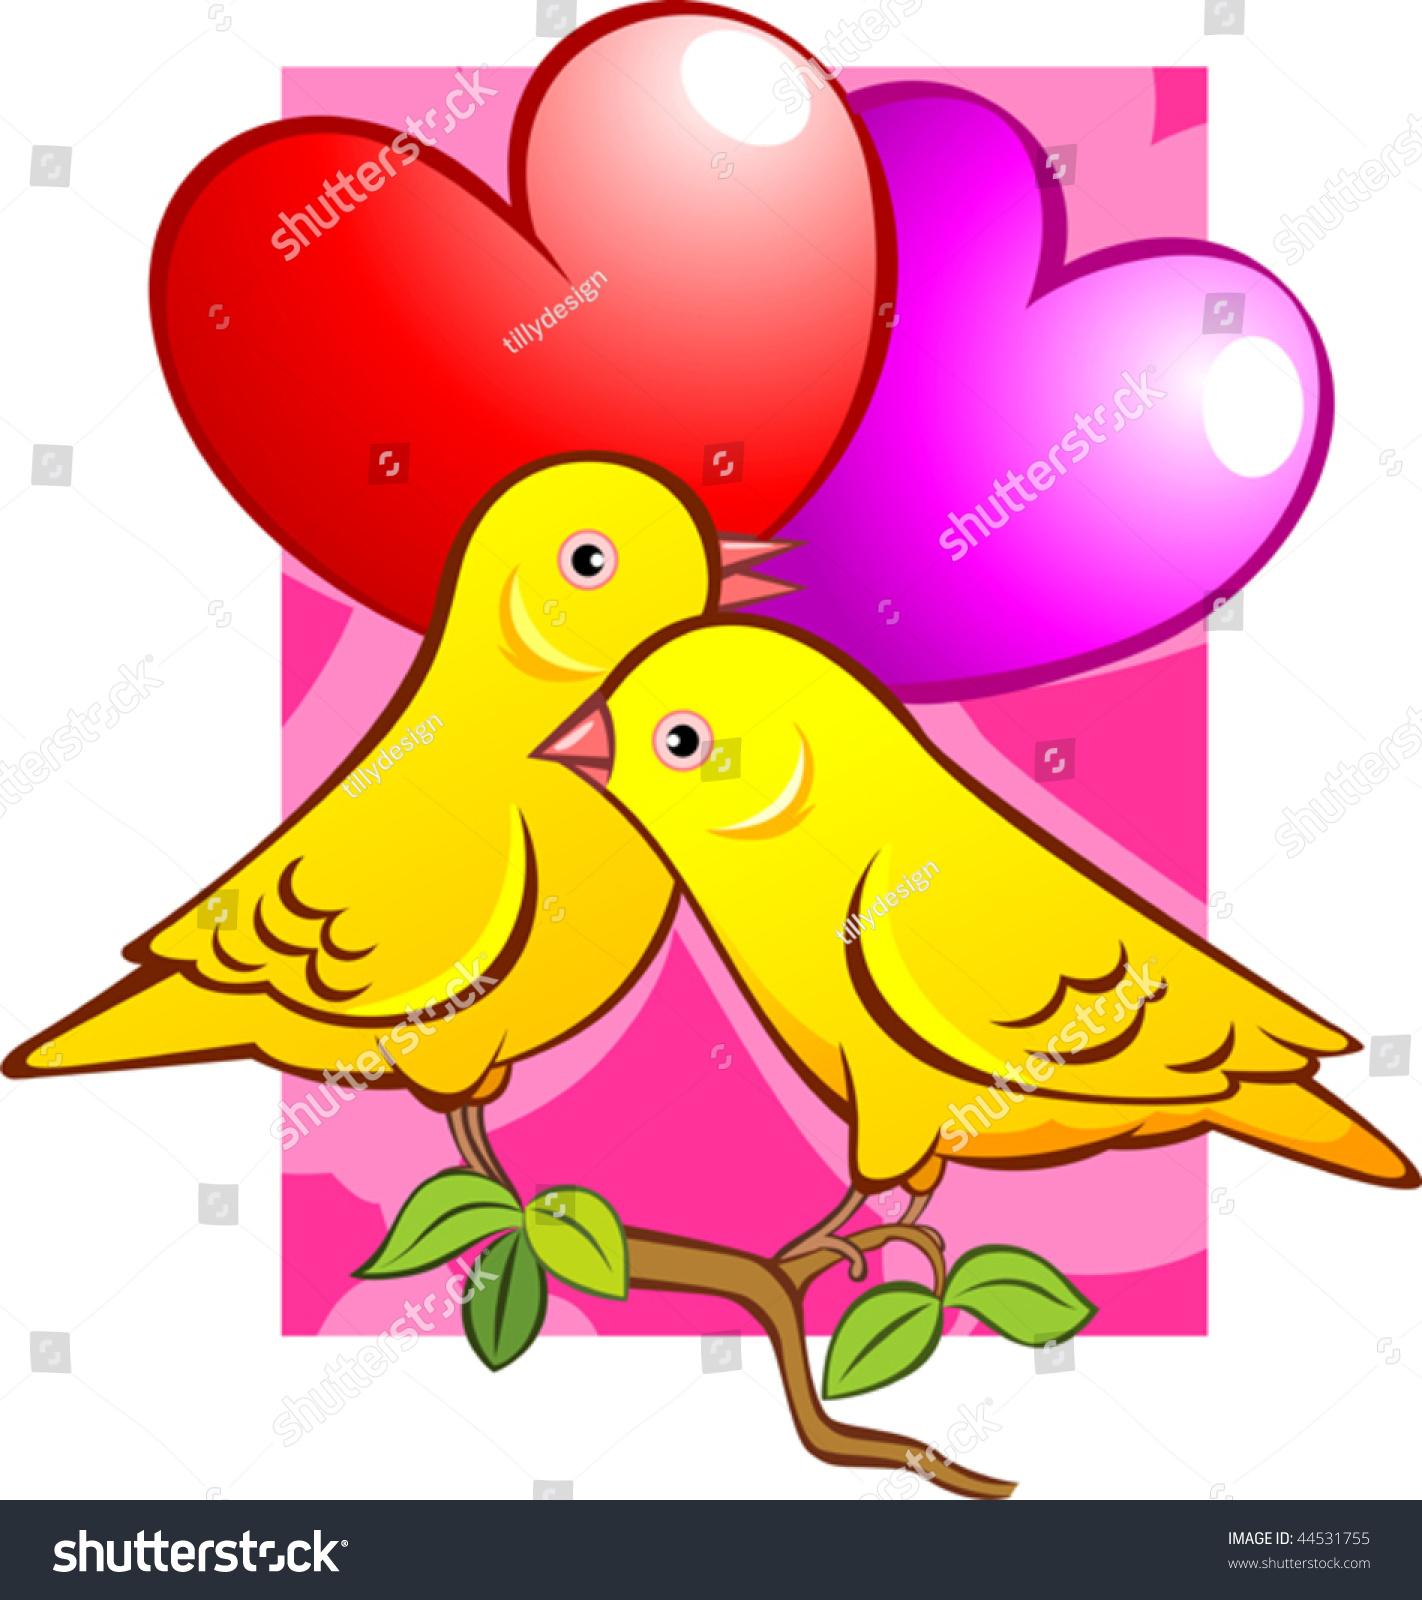 Illustration Love Symbols Two Birds Stock Vector 44531755 Shutterstock